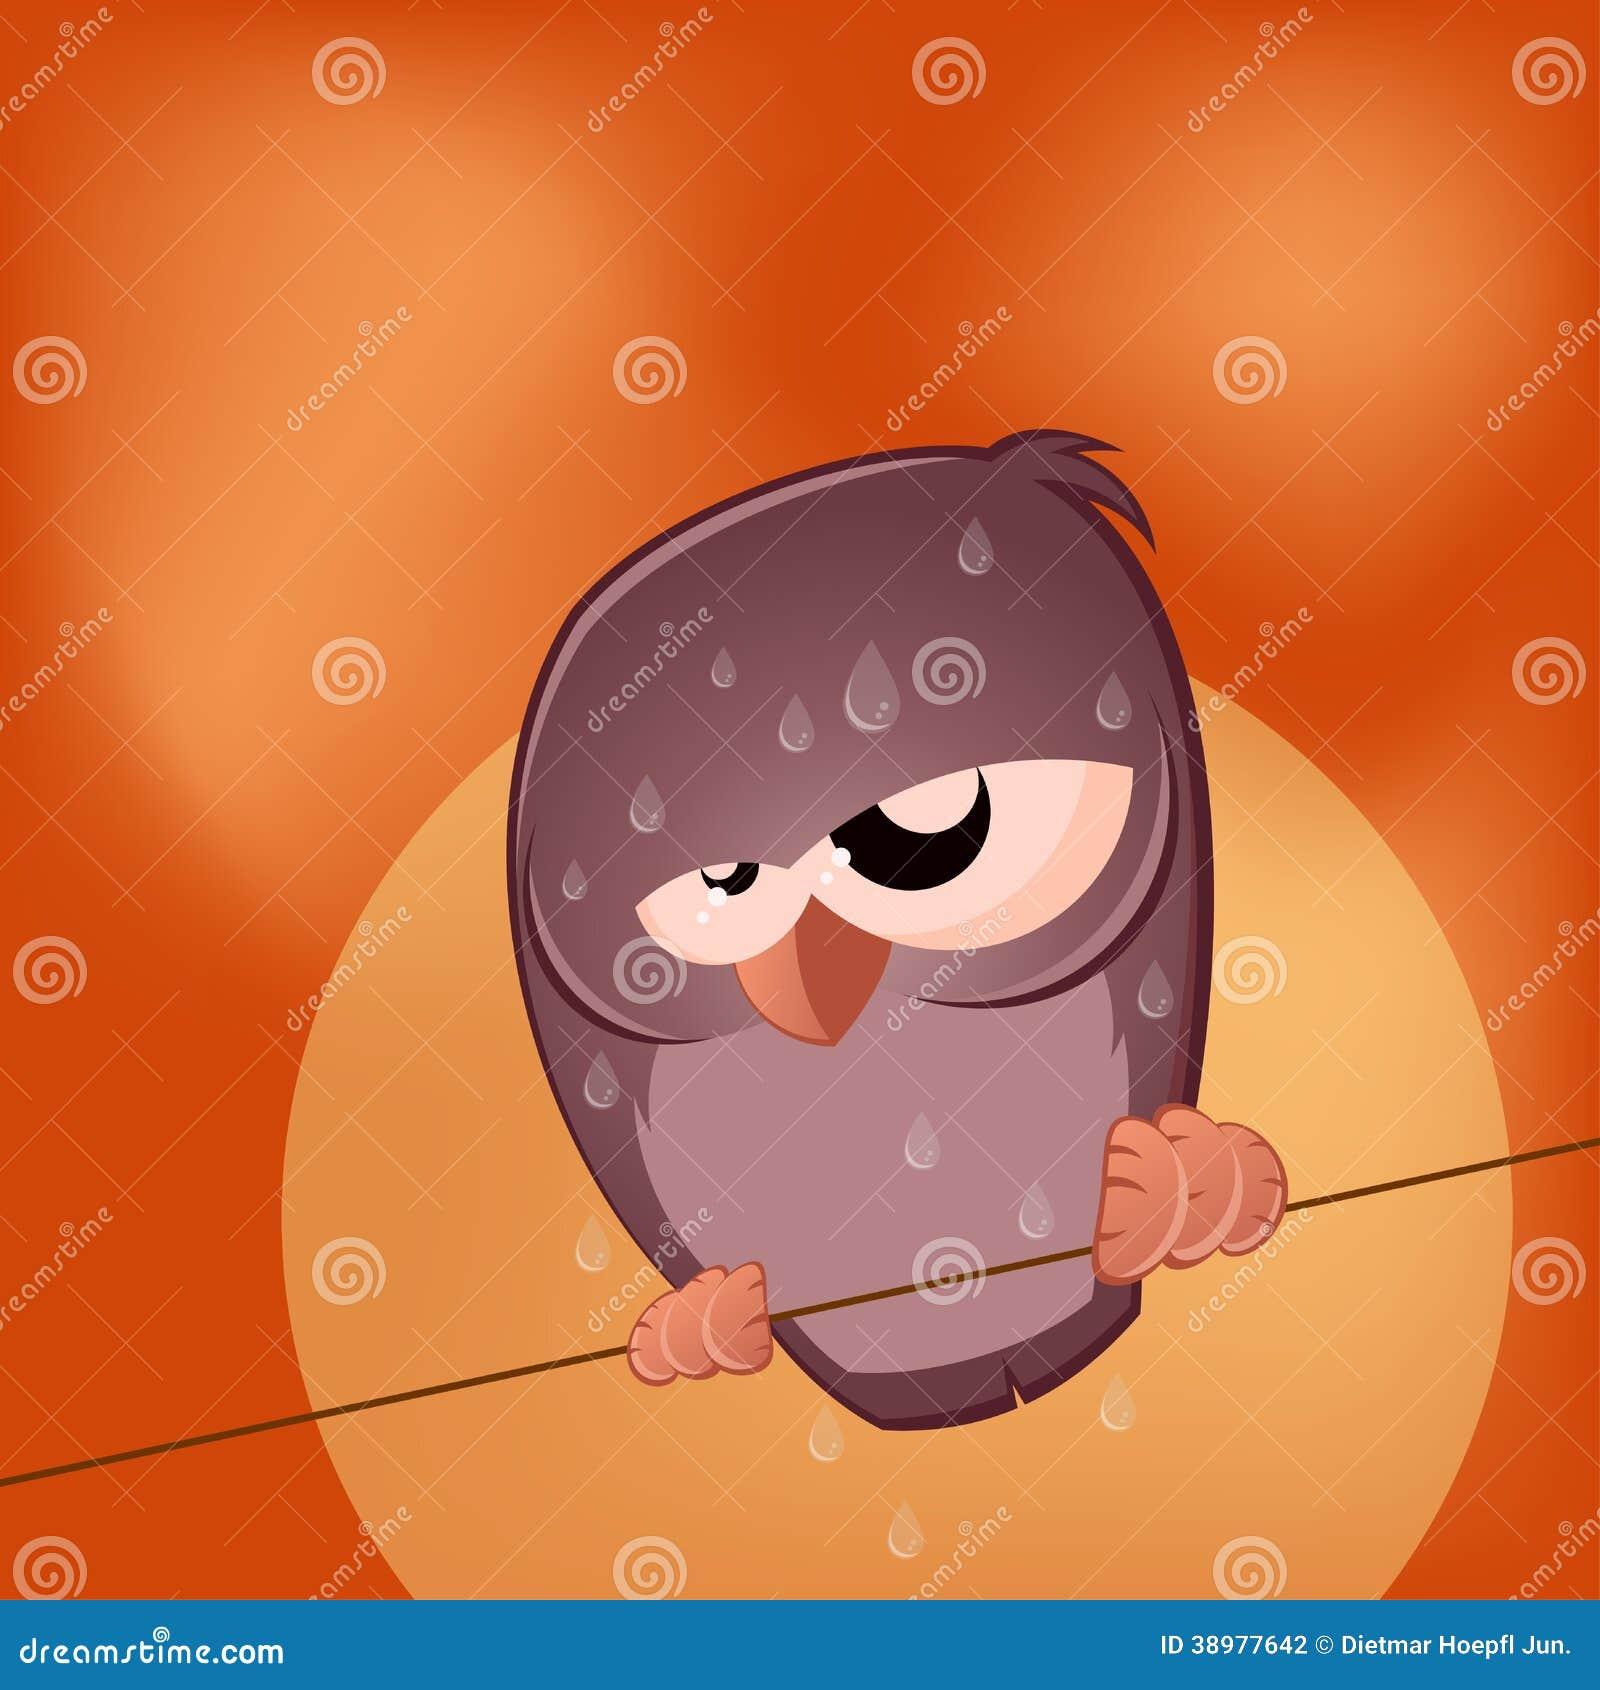 Sullen Cartoon Bird Is Sweating Stock Vector - Image: 38977642